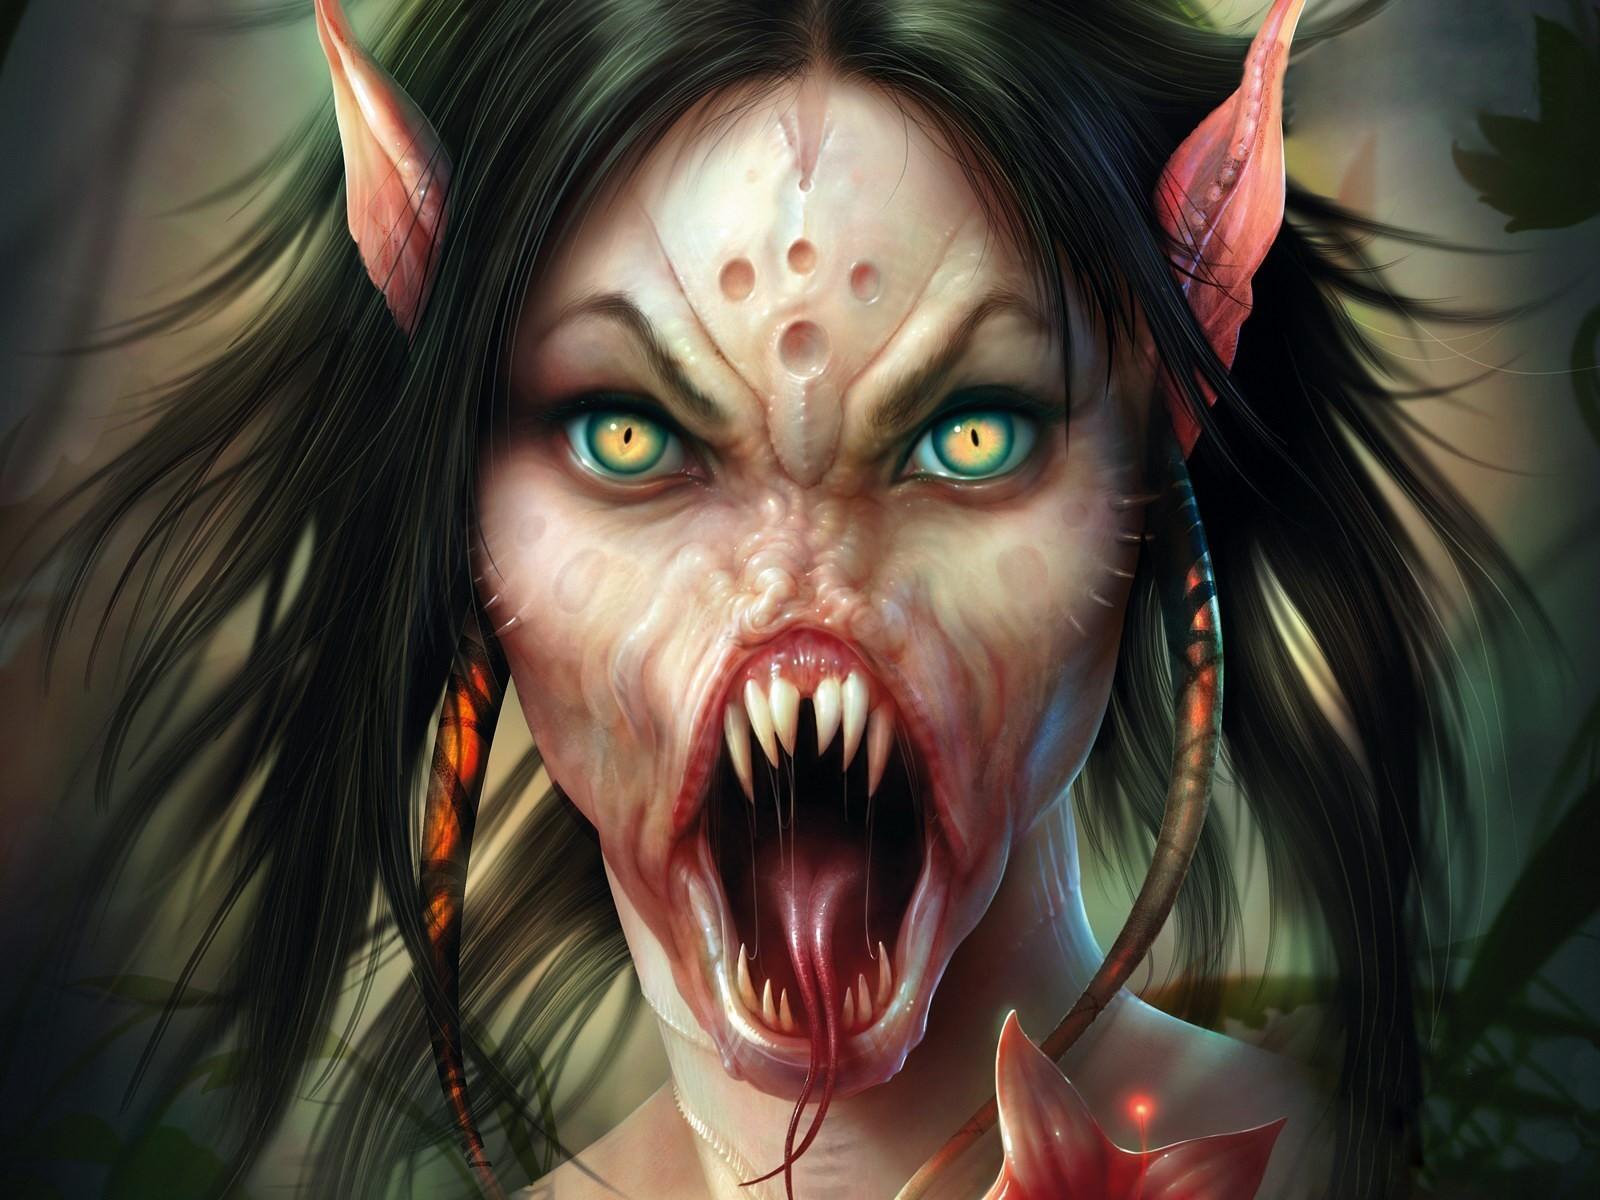 страшная девушка эльф, ужас, скачать фото, обои для рабочего стола